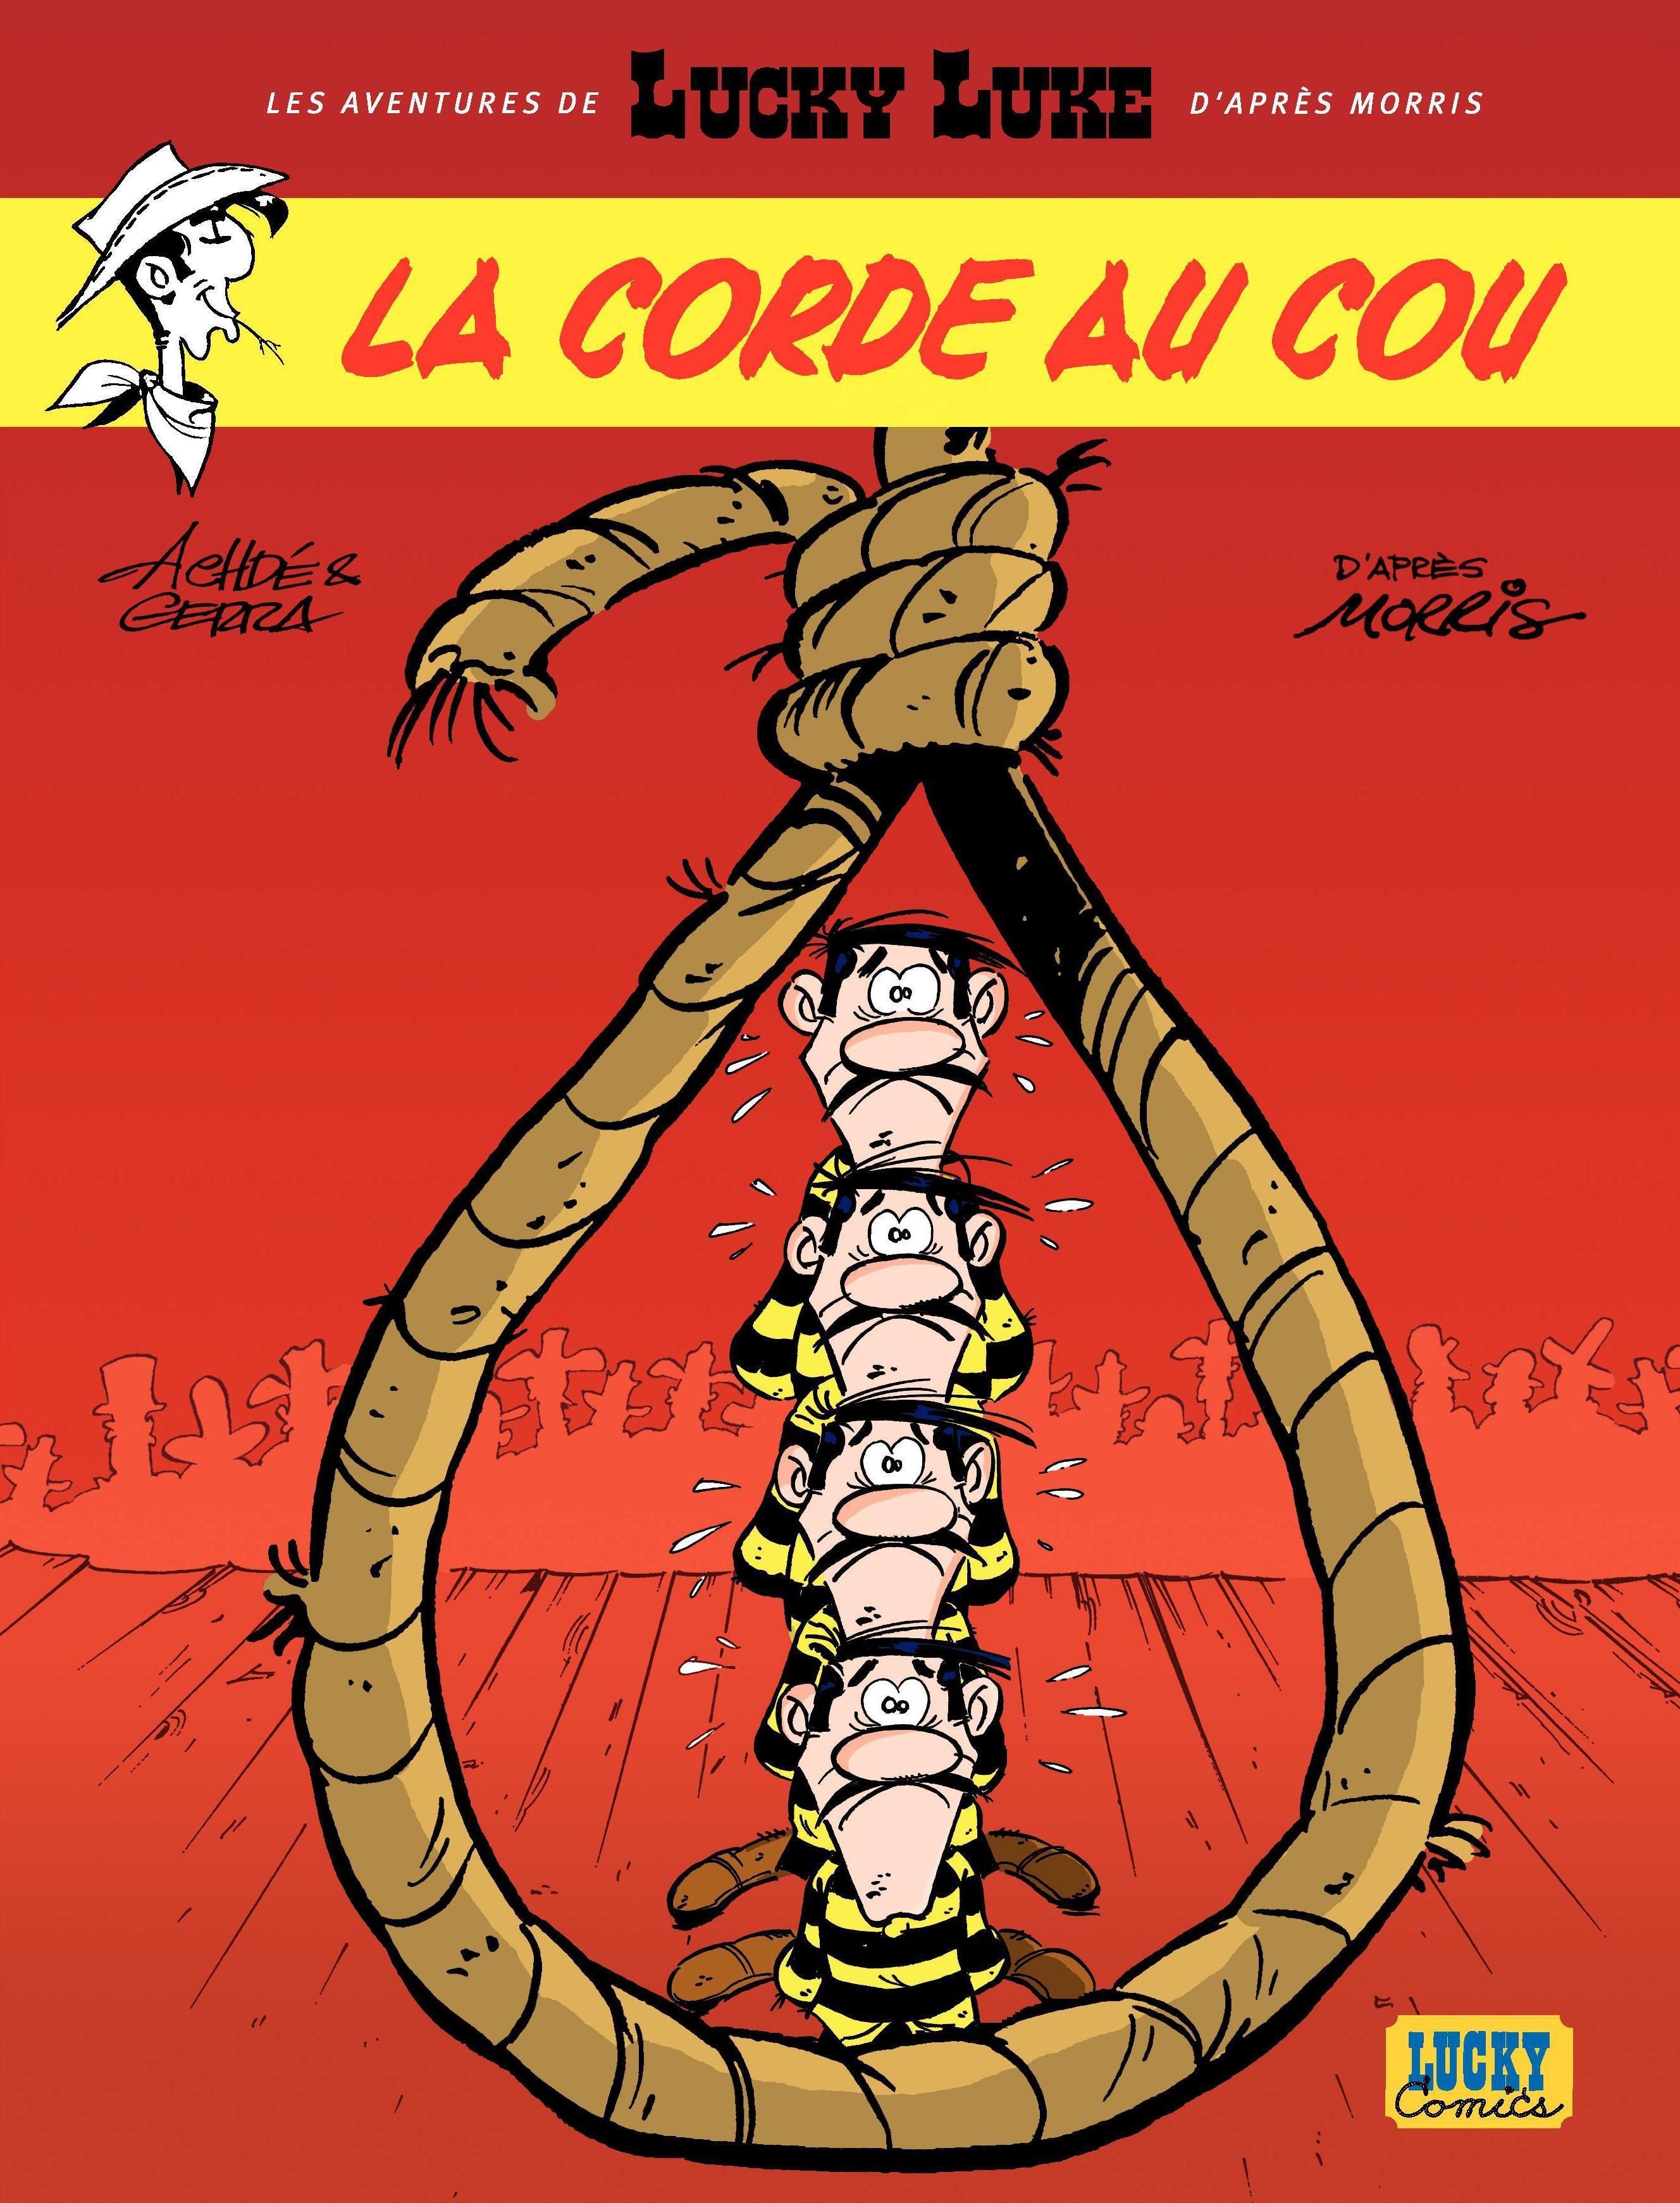 Les aventures de Lucky Luke d'après Morris - tome 2 - La corde au cou